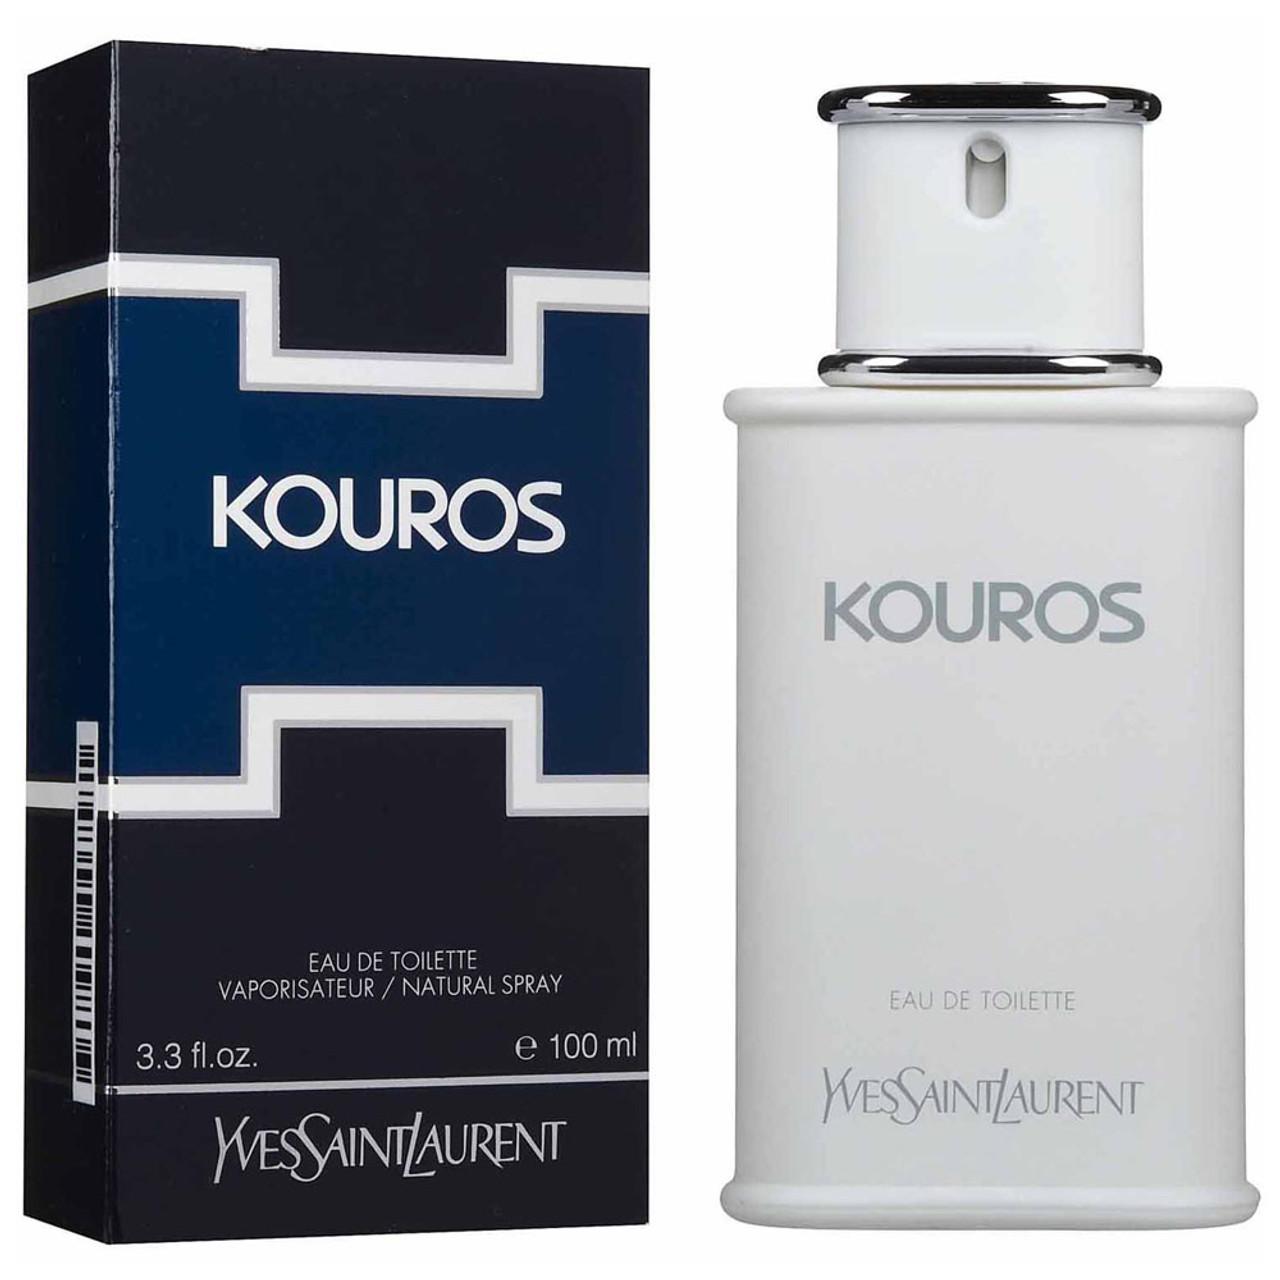 11943408255 Yves Saint Laurent Kouros eau de toilette spray 3.3 oz - Perfume Depot